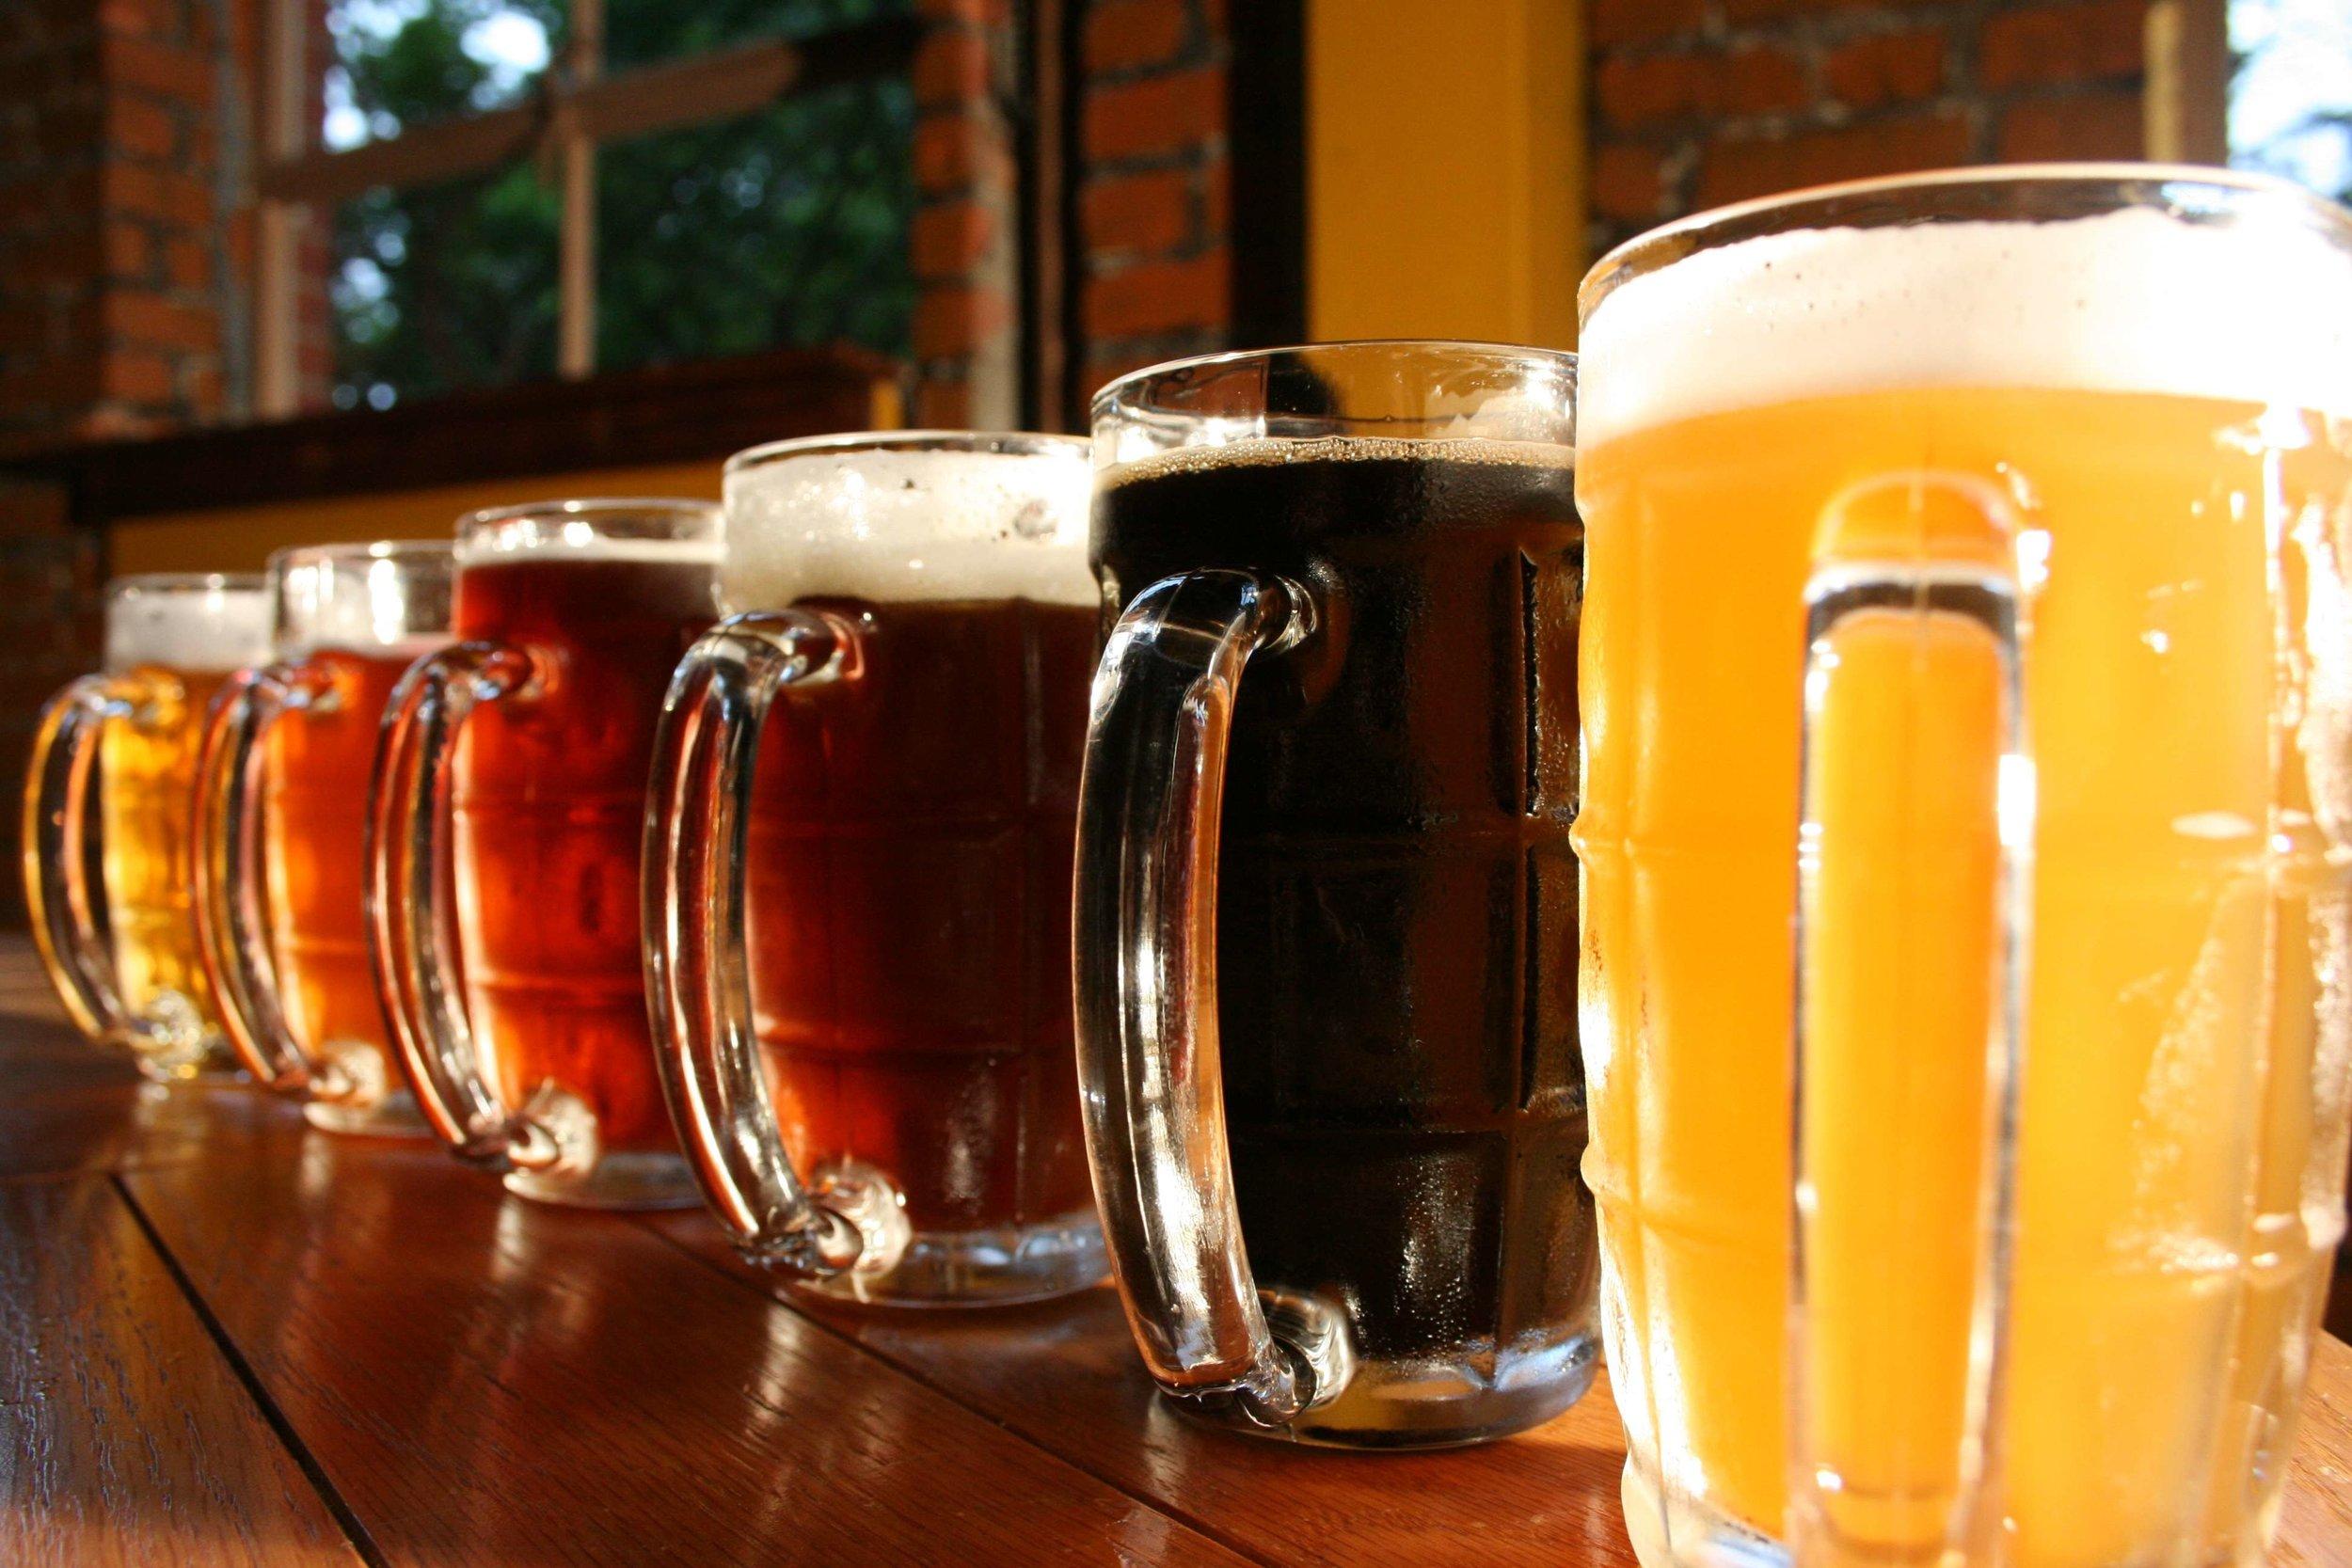 Iniciativa da Rota Cervejeira do RJ estimula o turismo na região serrana fluminense (Foto: Divulgação)